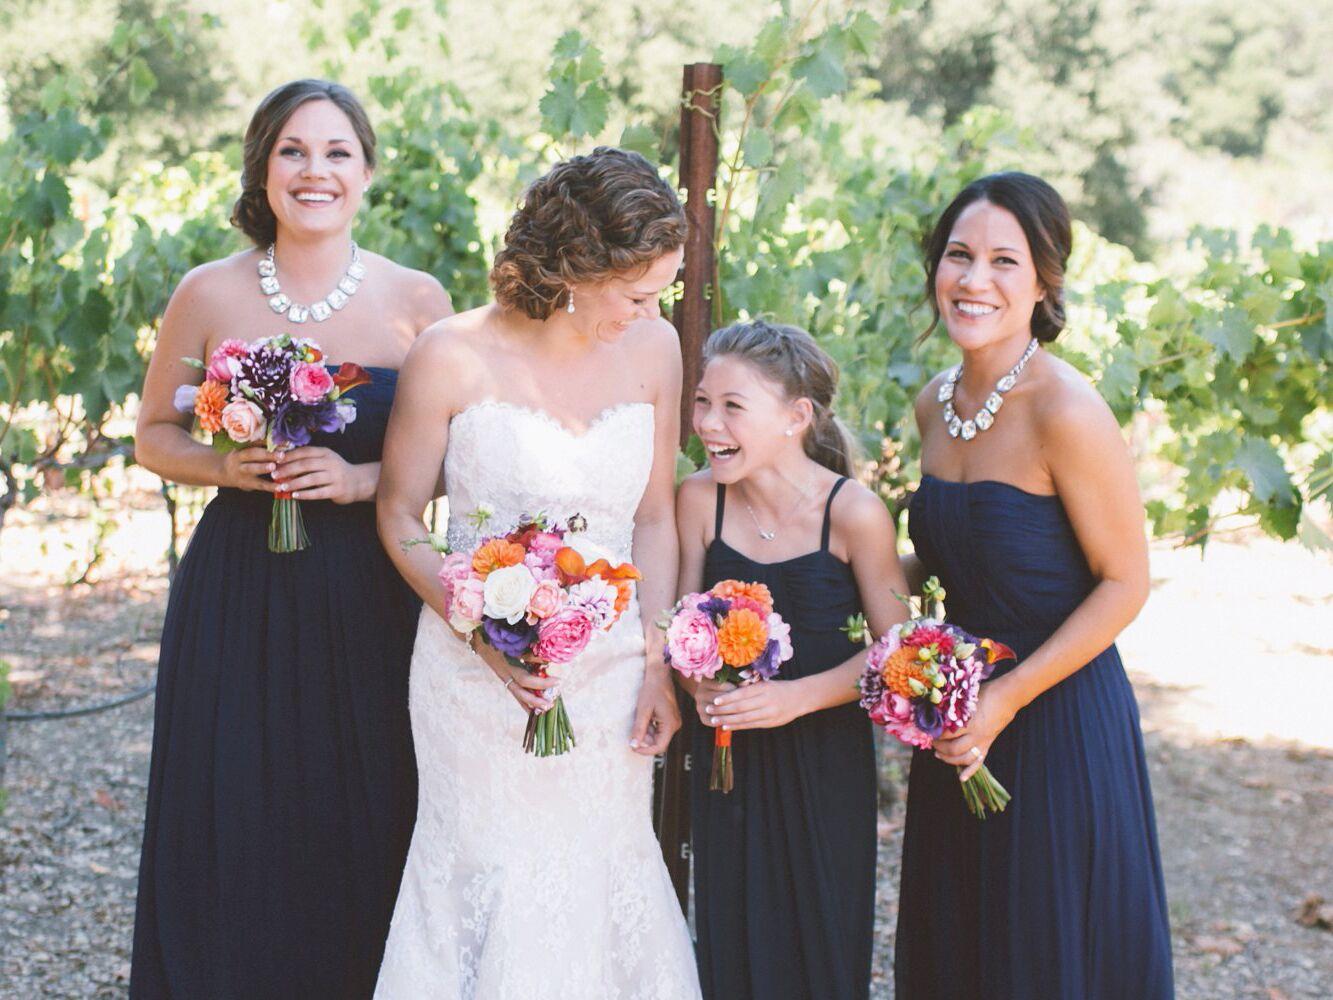 Junior bridesmaid her duties in detail bridesmaids and junior bridesmaids portrait with bride at vineyard wedding ombrellifo Image collections